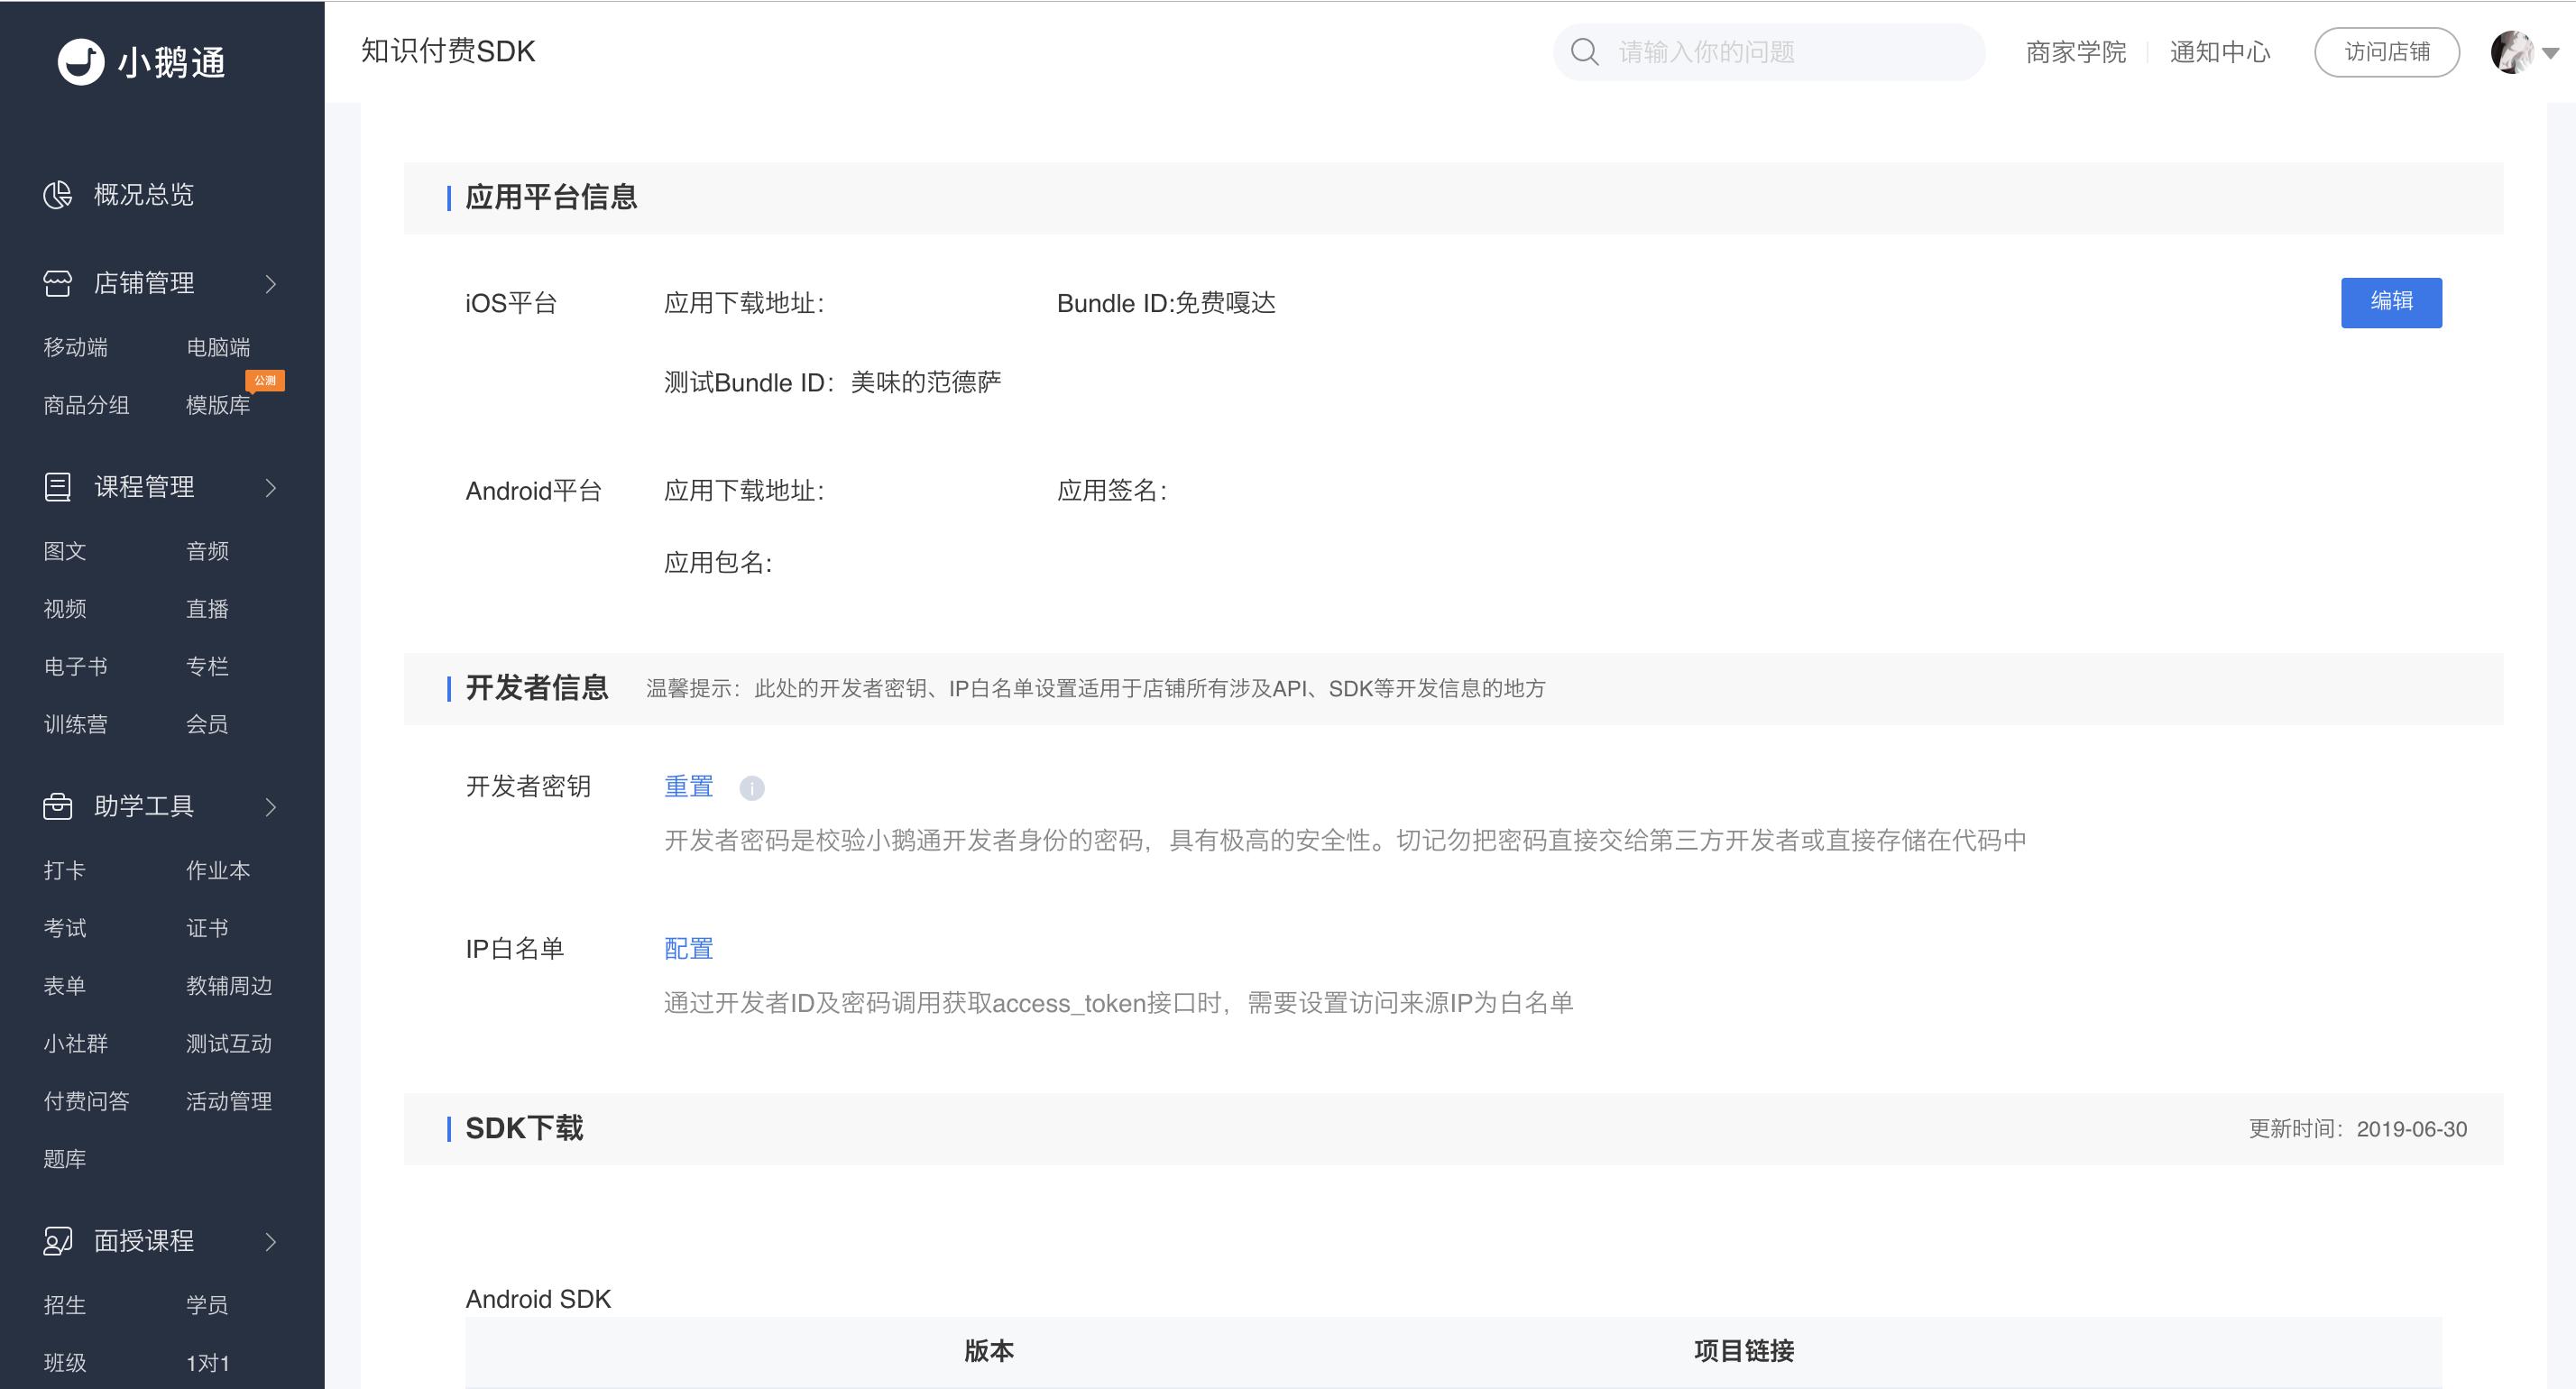 进入sdk集成服务信息页